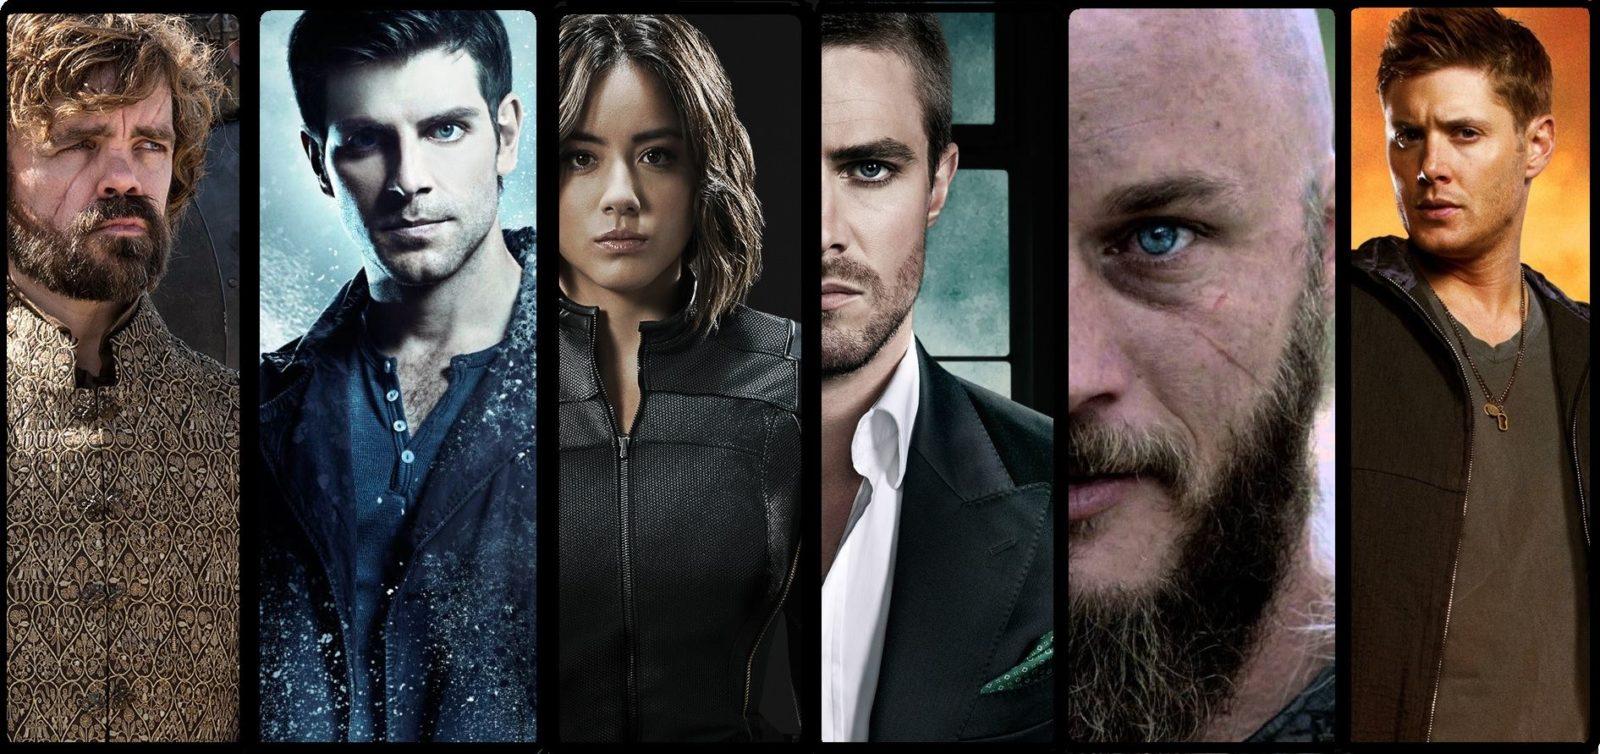 Сериалы 2016: какие премьеры ждут нас осенью. Часть 7